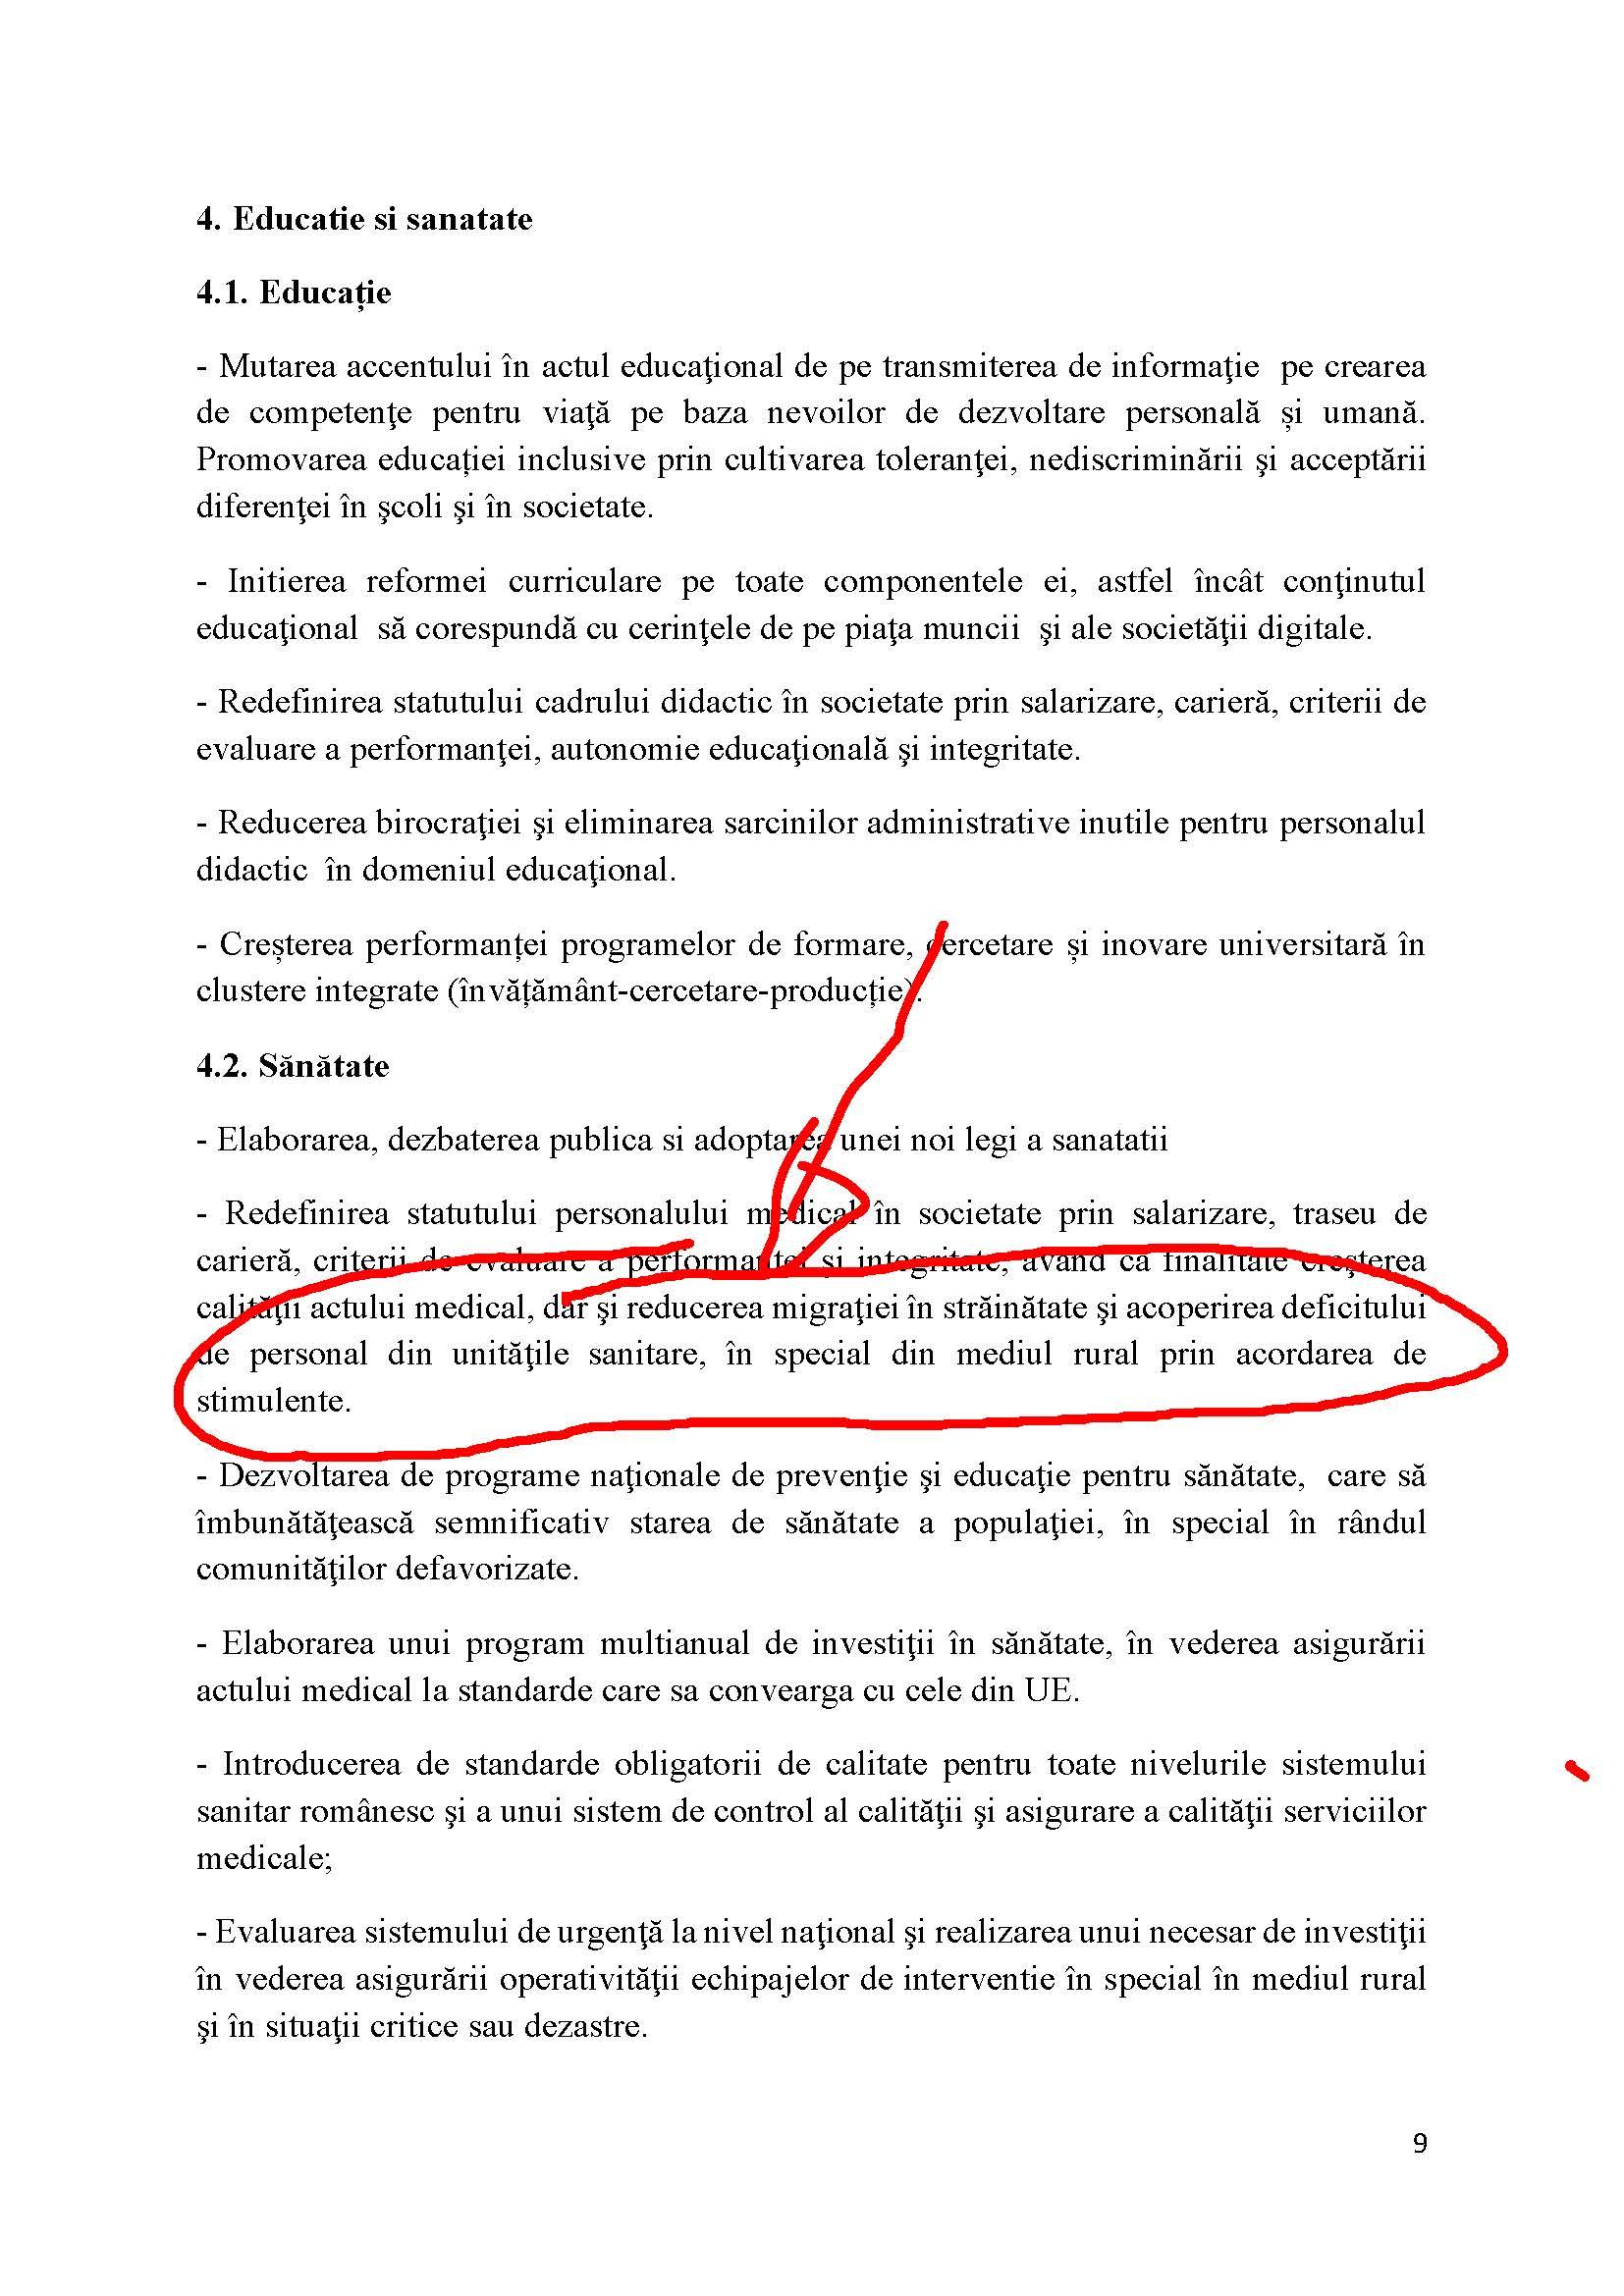 document-2015-11-16-20595735-0-programul-guvernare-guvernului-ciolos